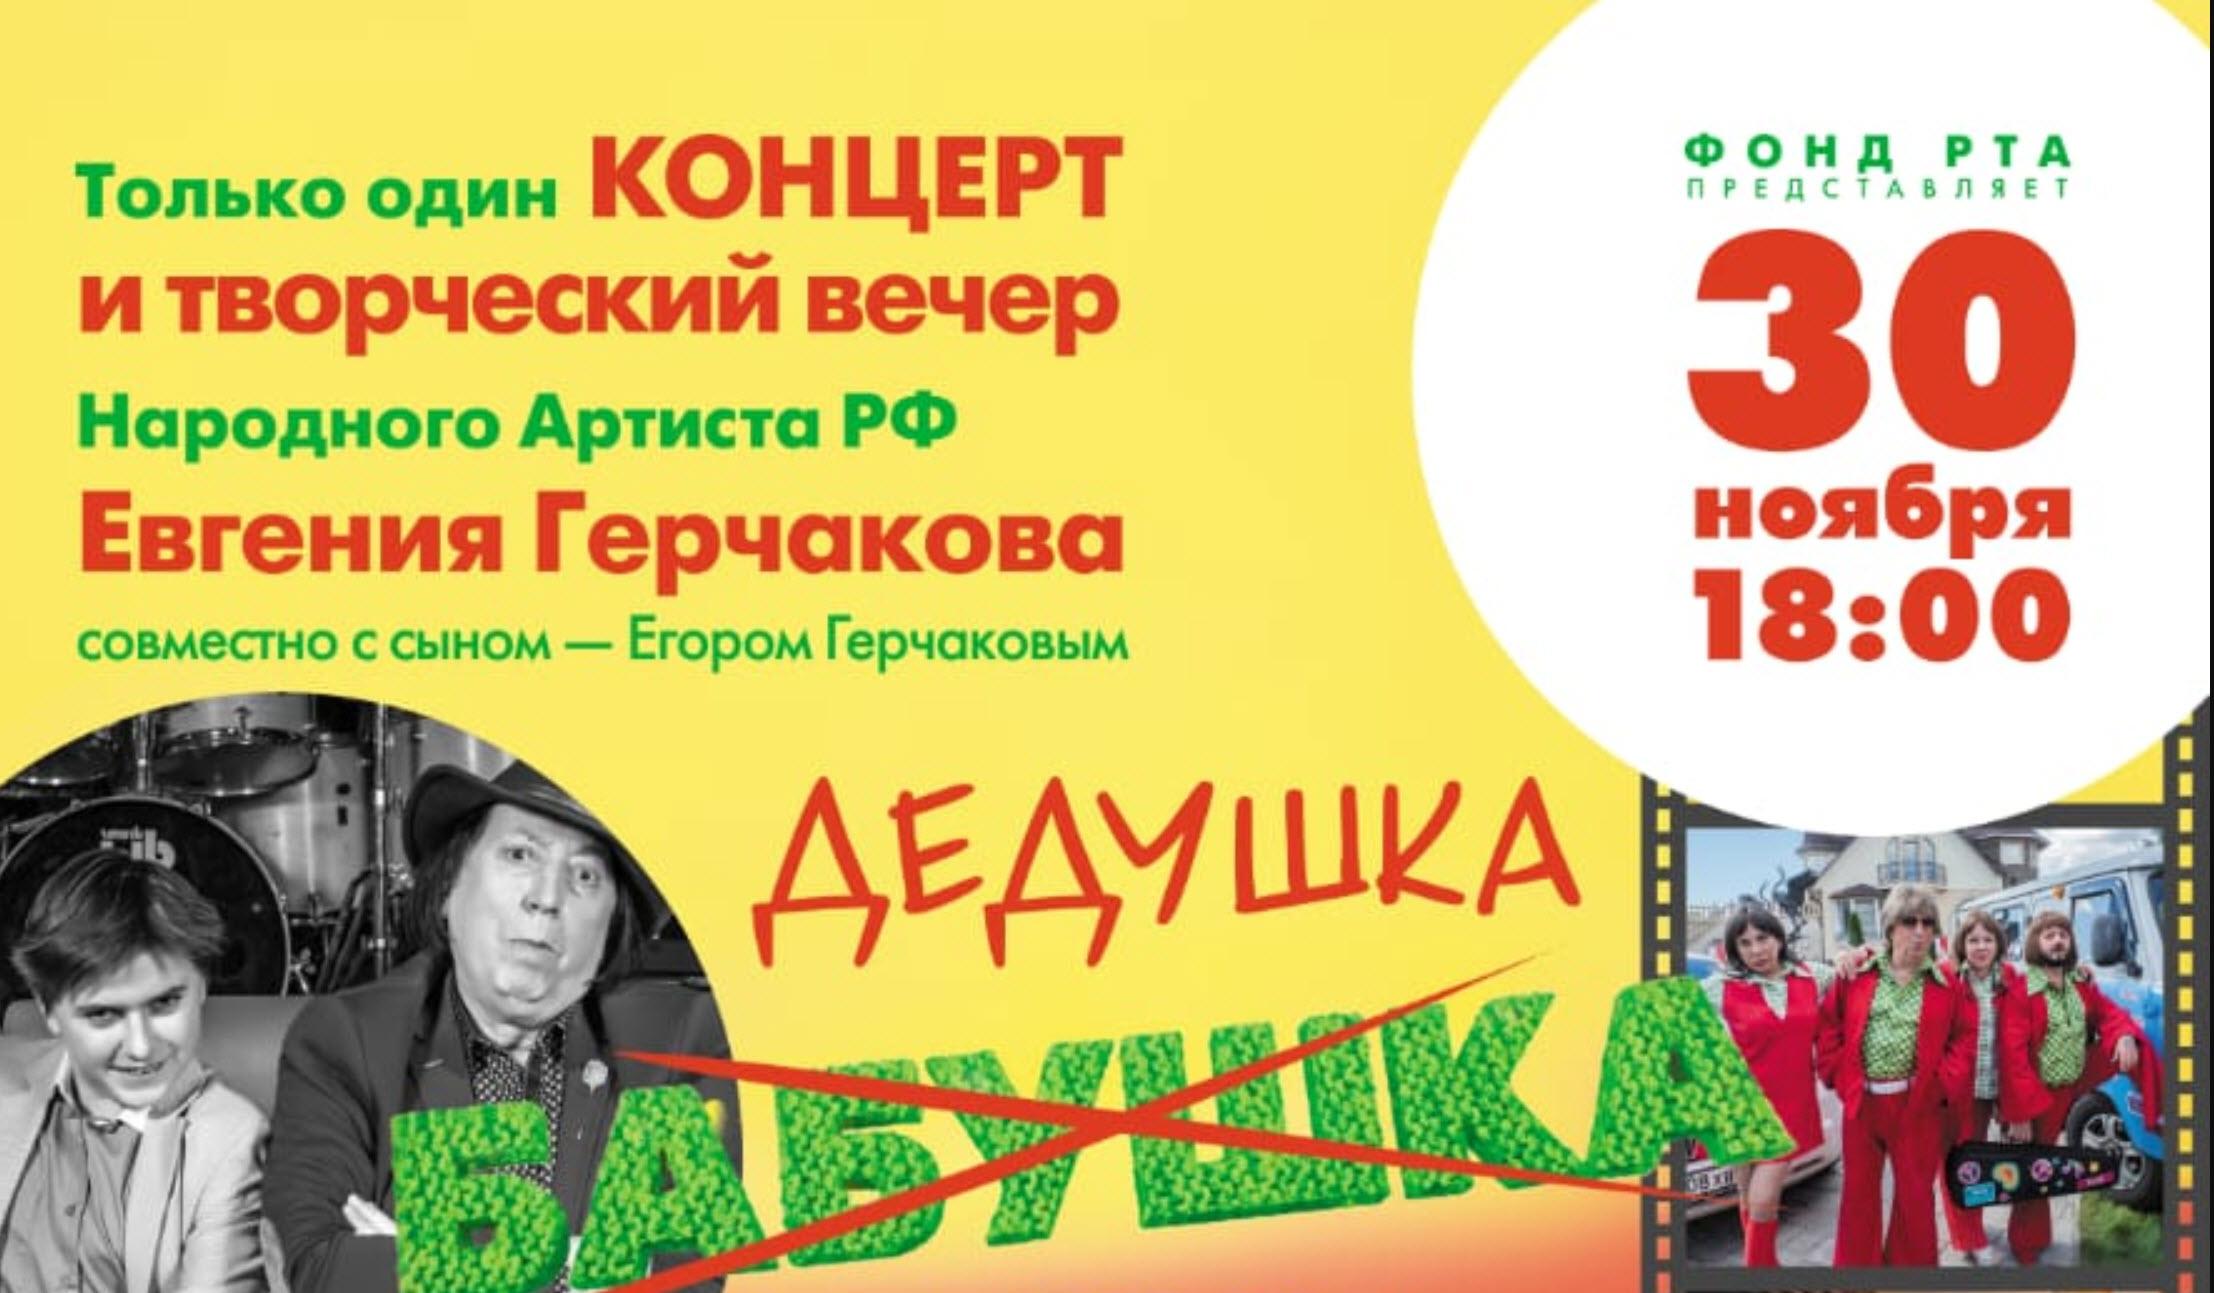 30 Ноября – Творческий вечер Народного Артиста РФ Евгения Герчакова.